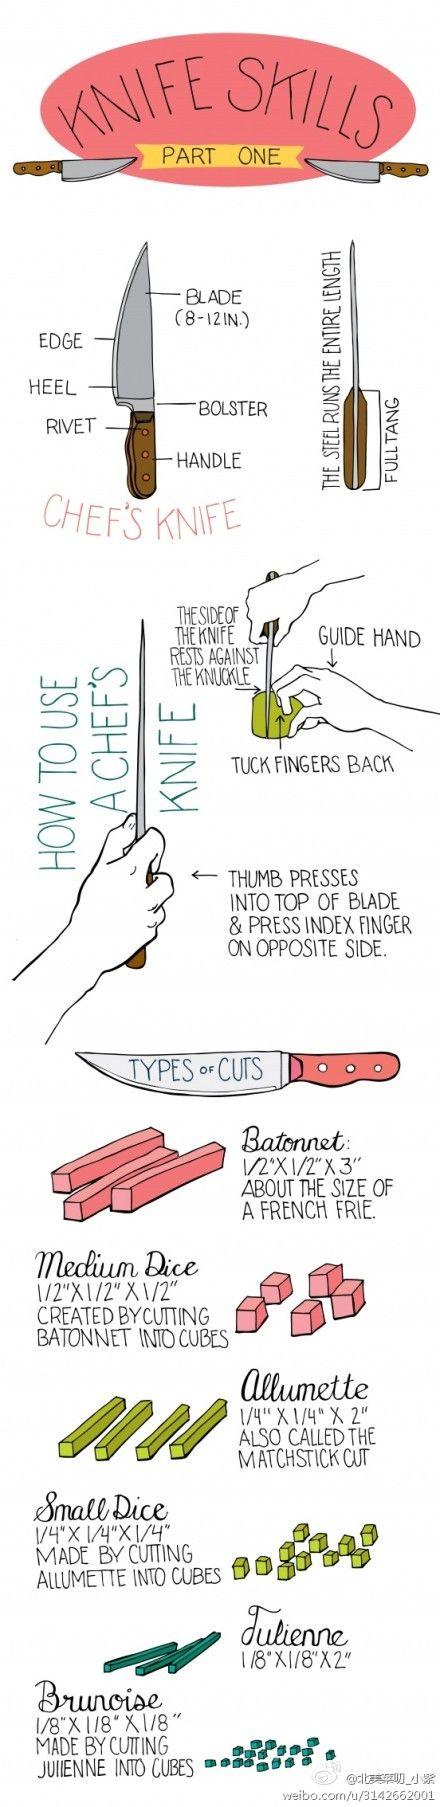 KNIFE SKILLS PART I  -- www.ultimatepaleoguide.com